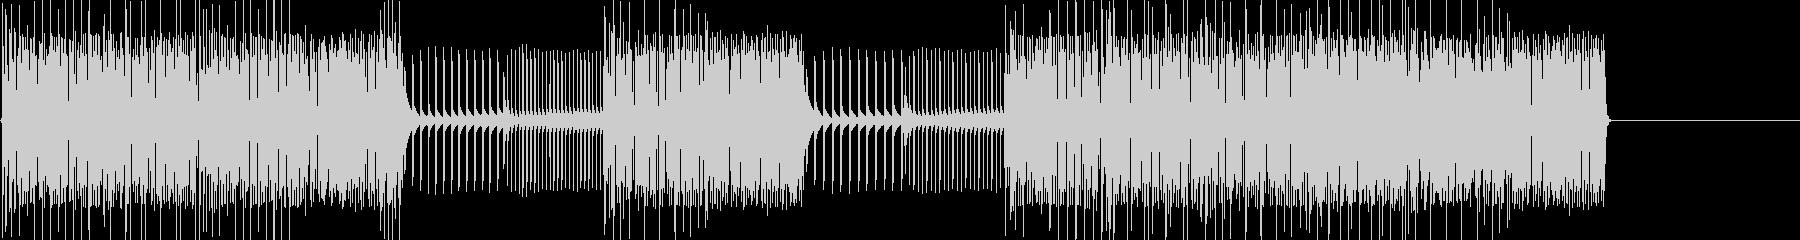 レトロゲームなチップチューンジングル28の未再生の波形